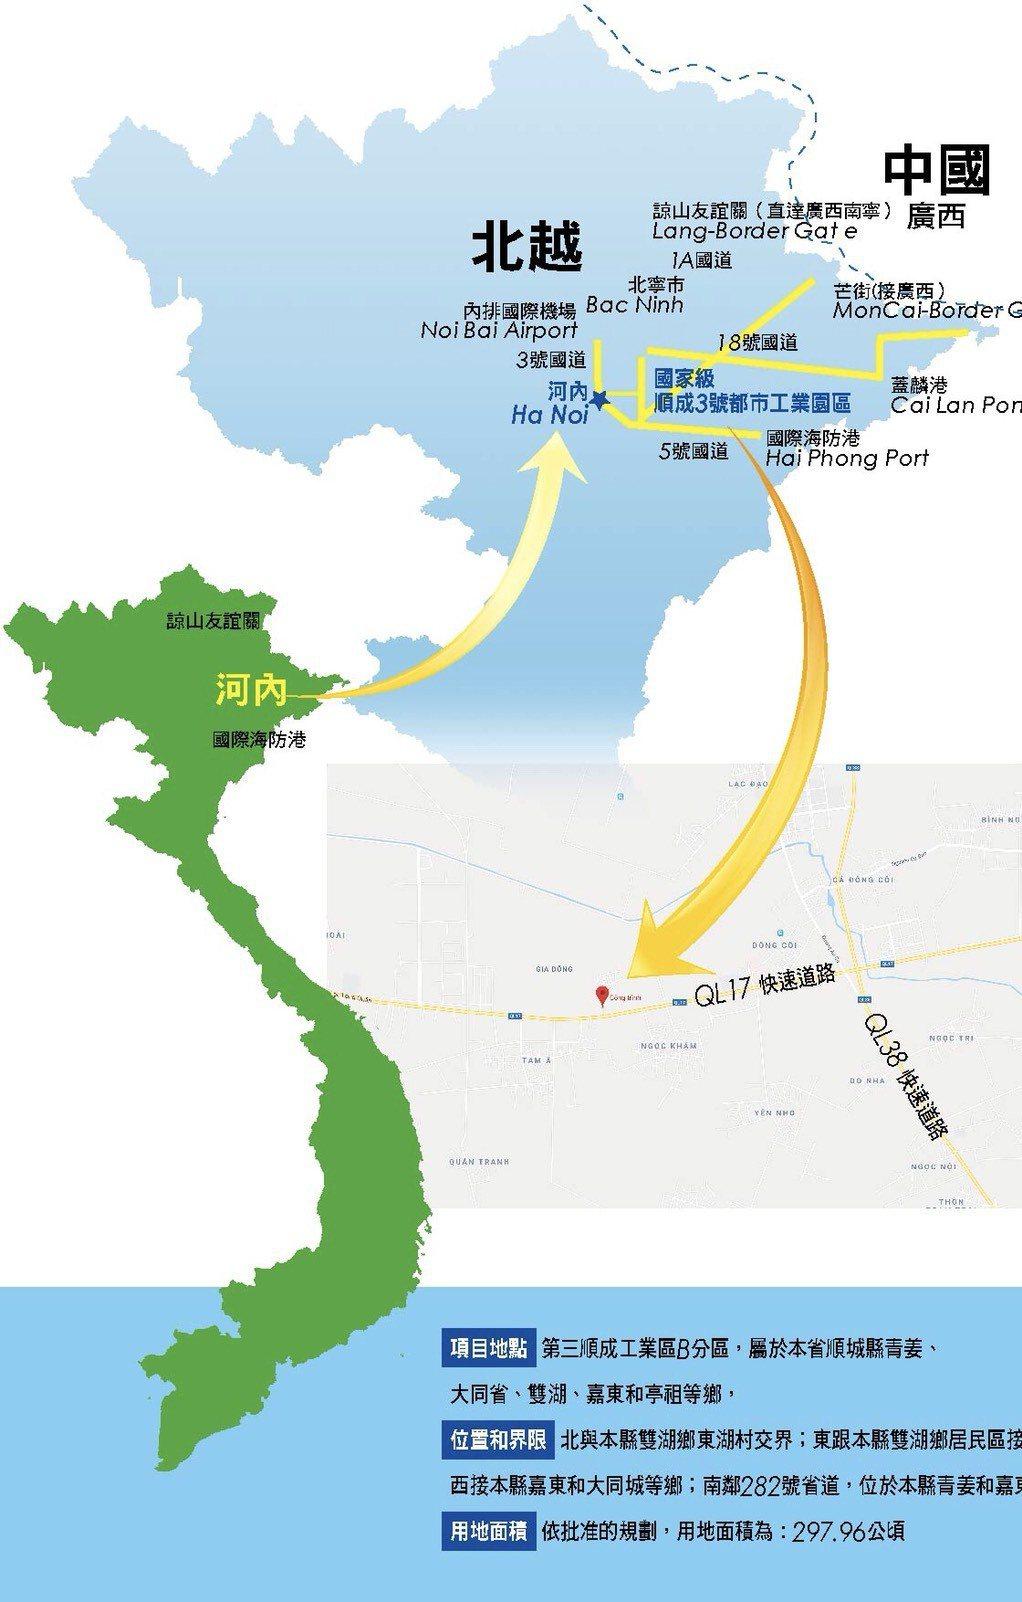 中美貿易大戰,臨近大陸的越南北寧省吸引台商群聚。 圖/鄭平清提供